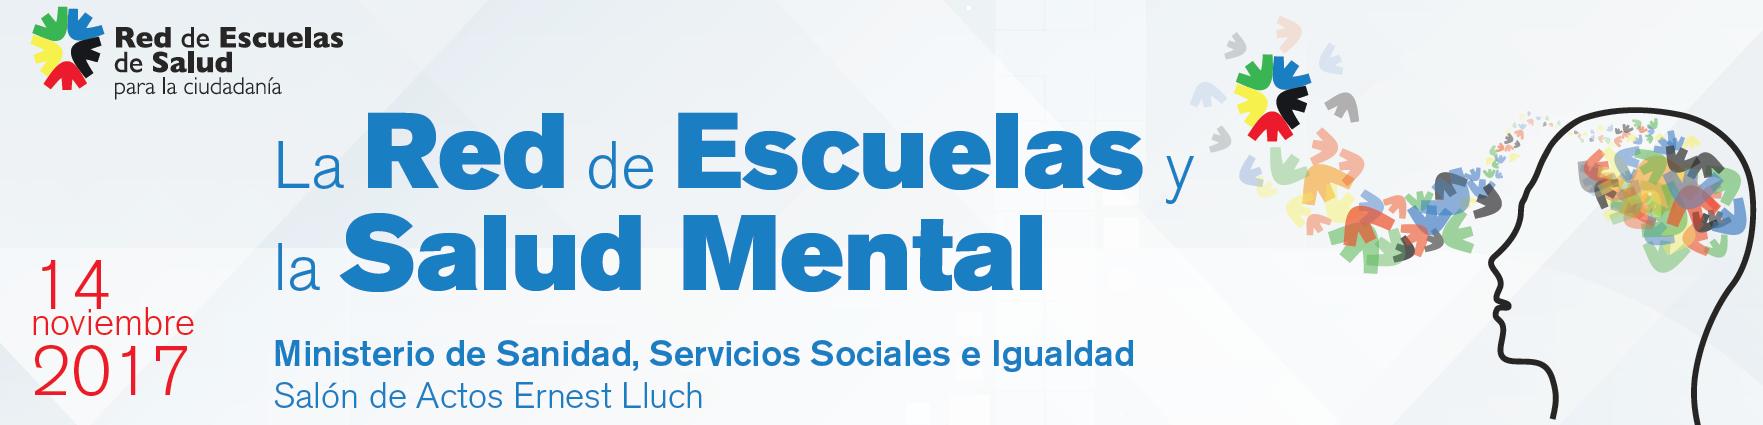 Jornada Salud Mental Escuelas